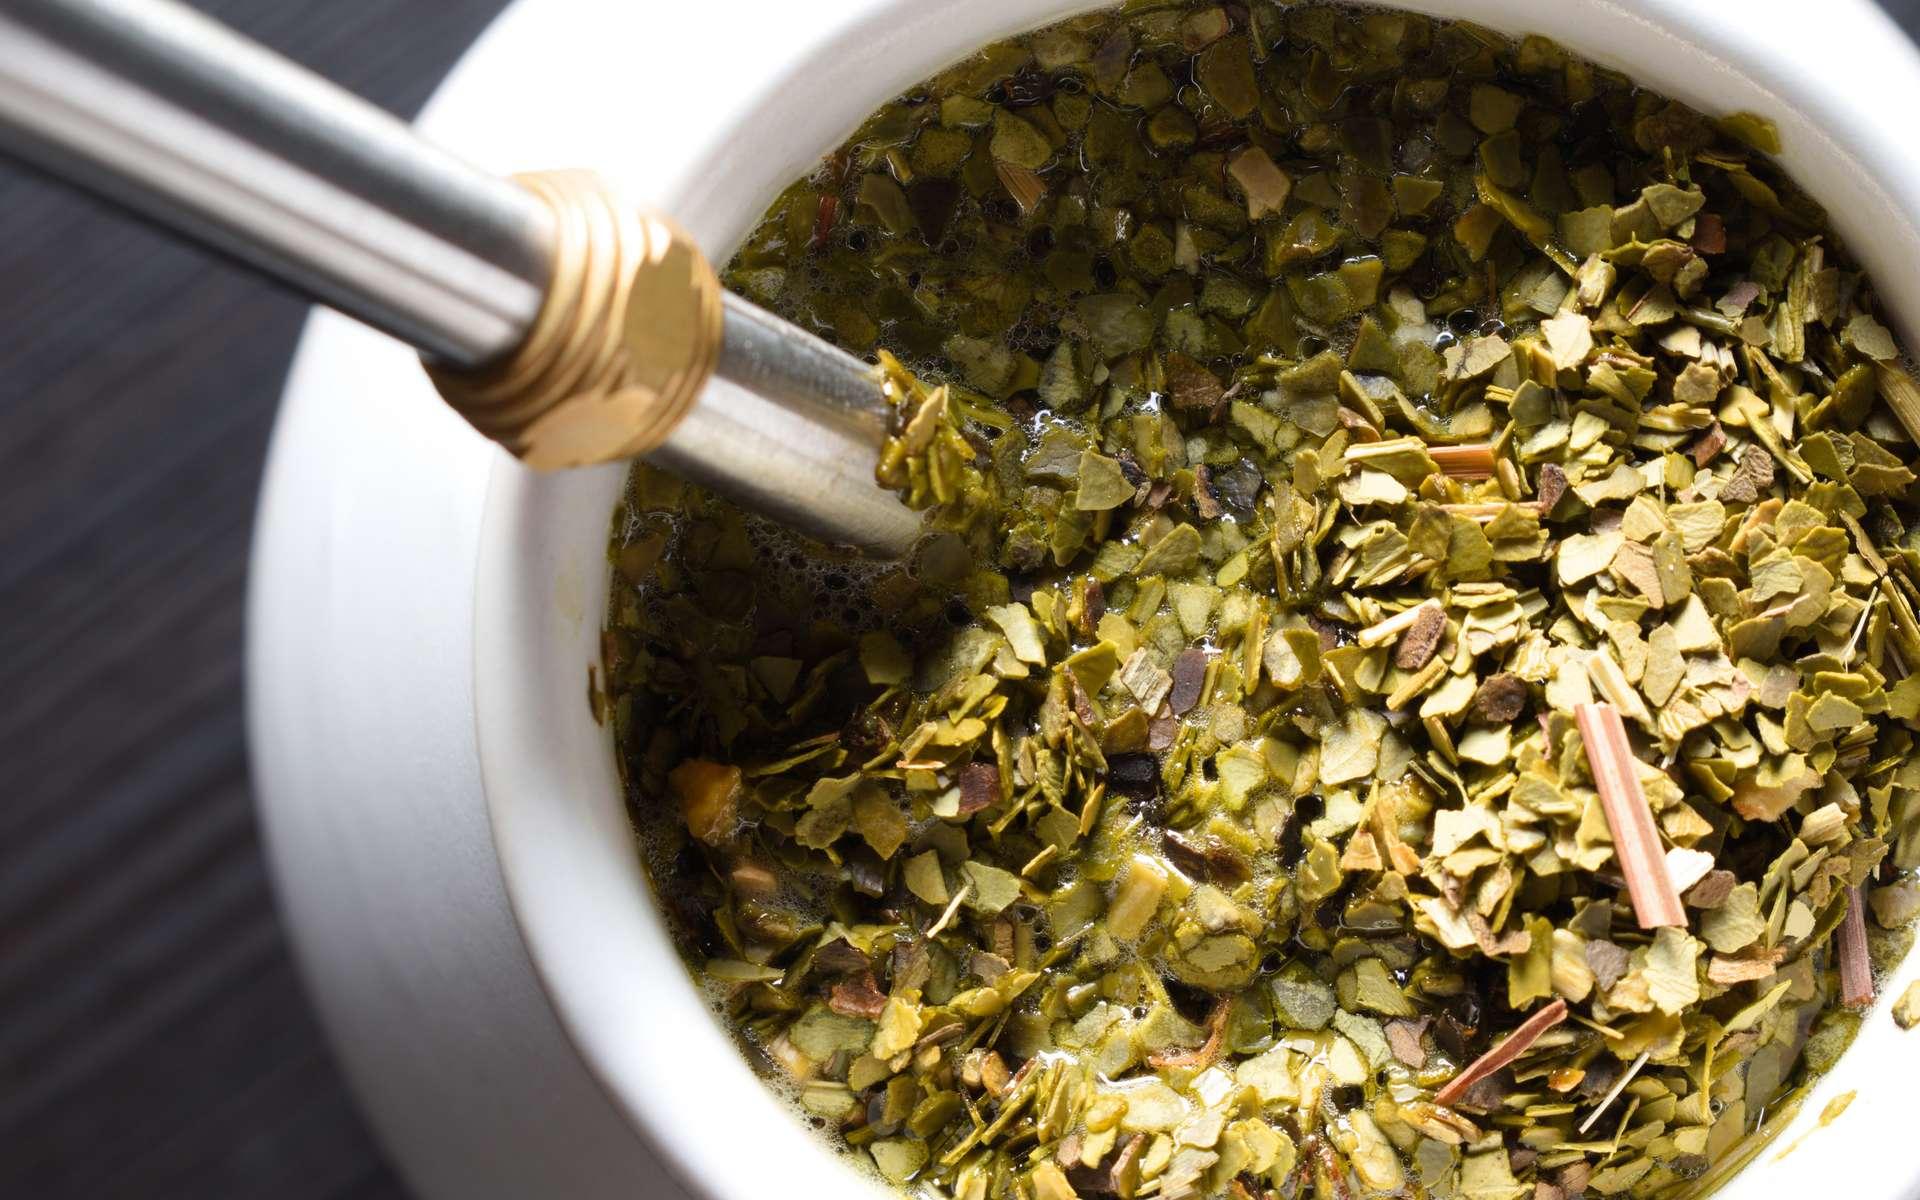 Le maté, une boisson obtenue à partir de feuilles de l'arbuste yerba maté. © equos, Adobe Stock